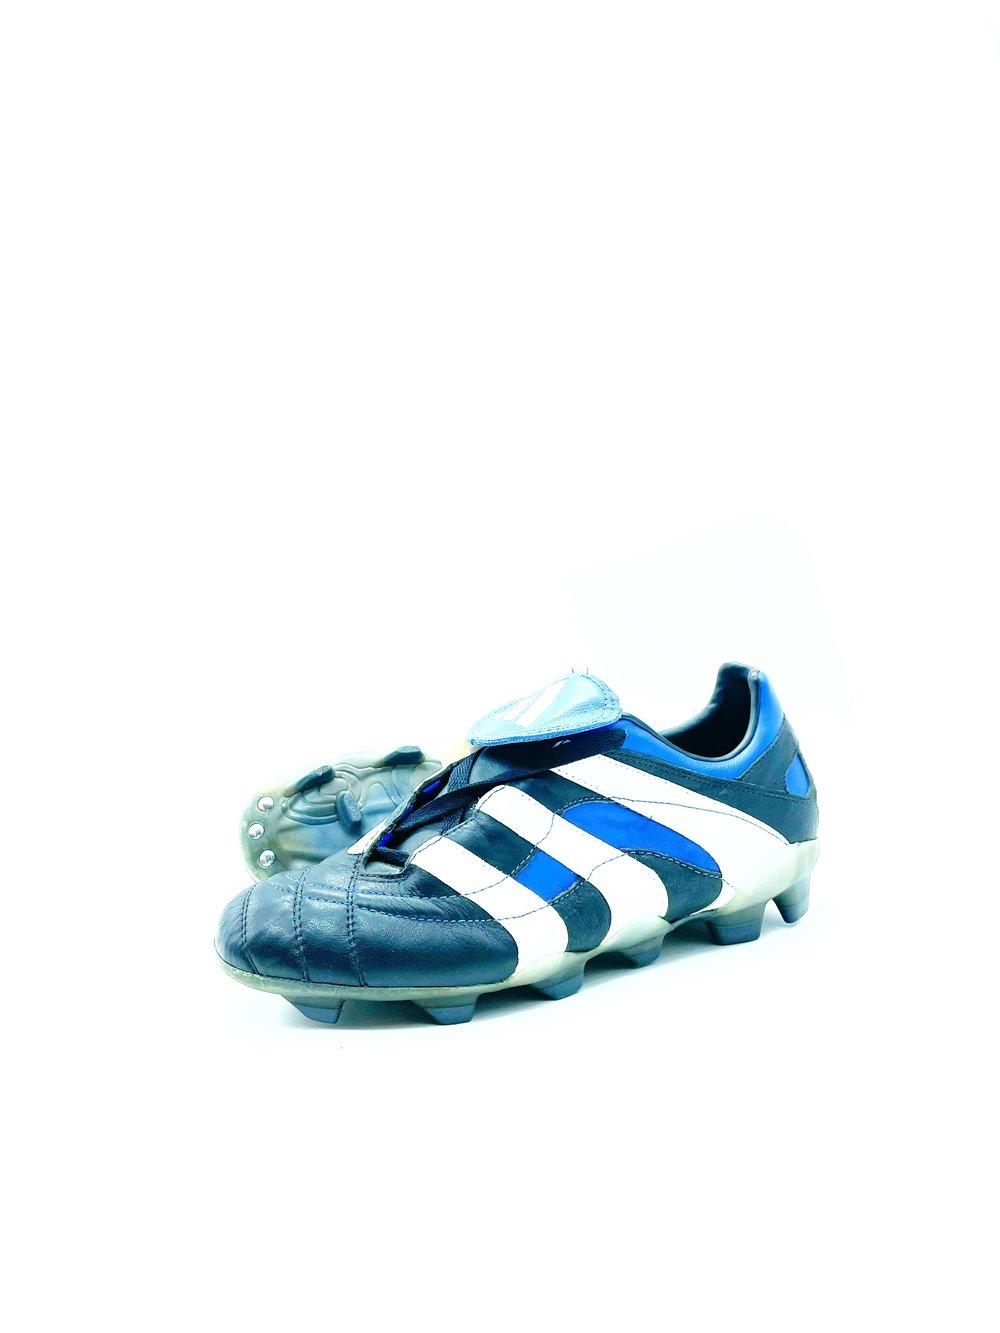 Image of Adidas predator Accelerator FG Blue